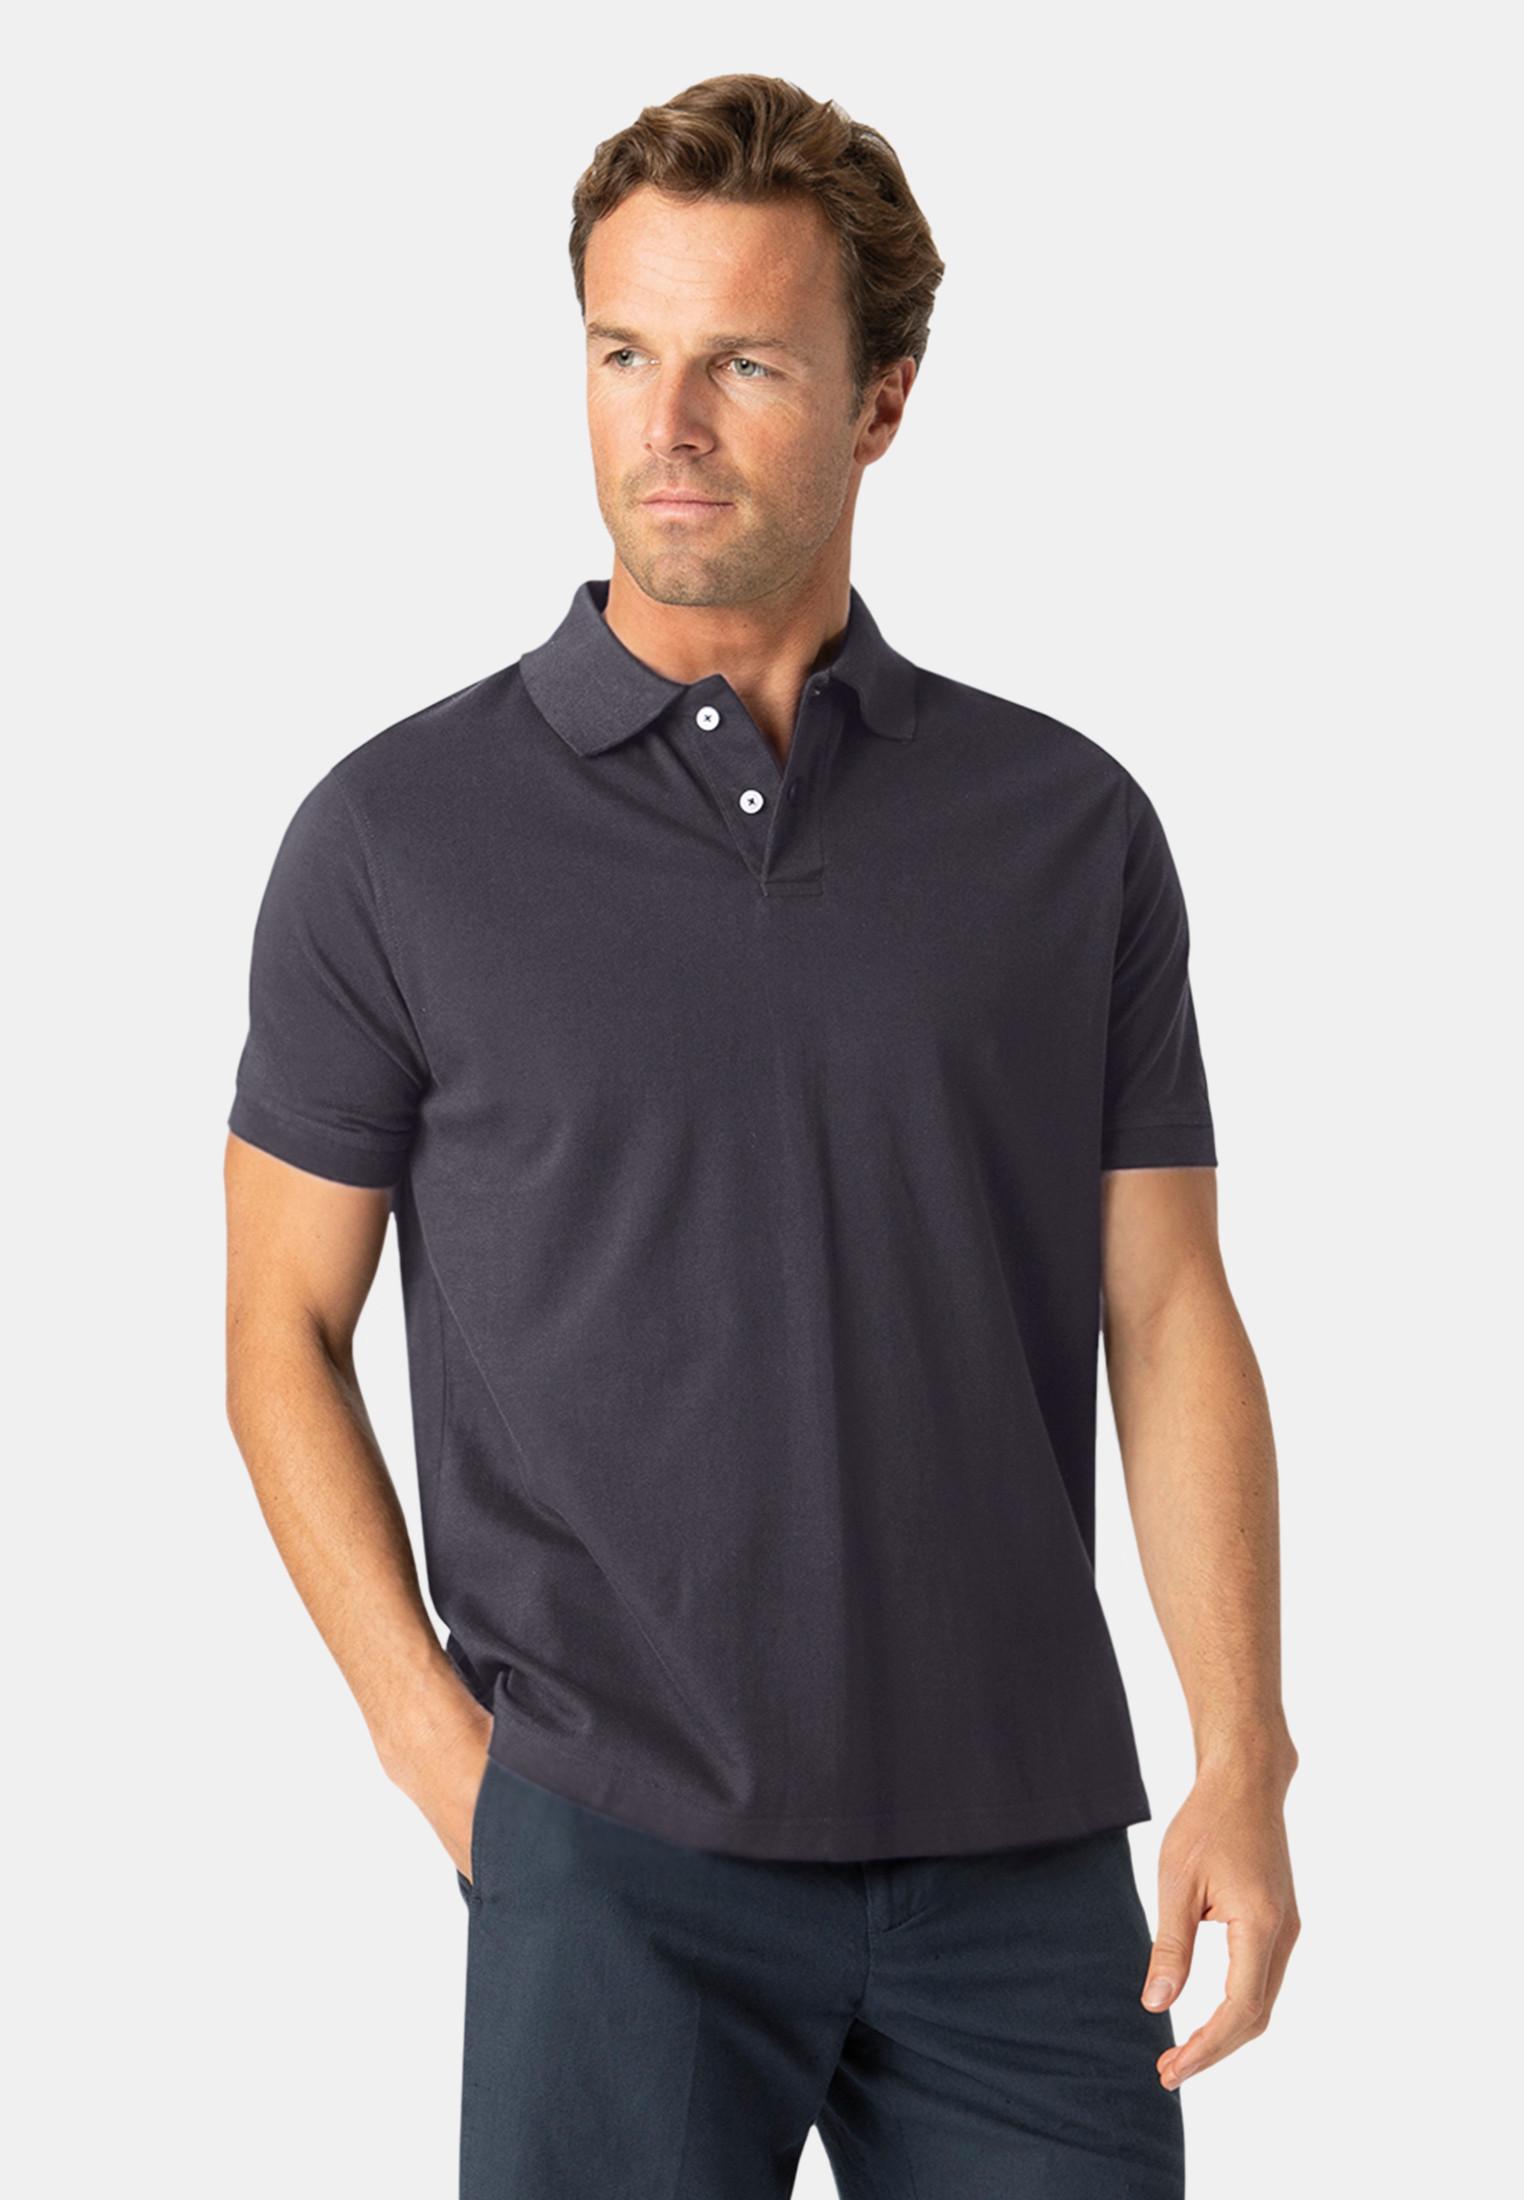 Milford Navy 100% Pique Cotton Polo Shirt